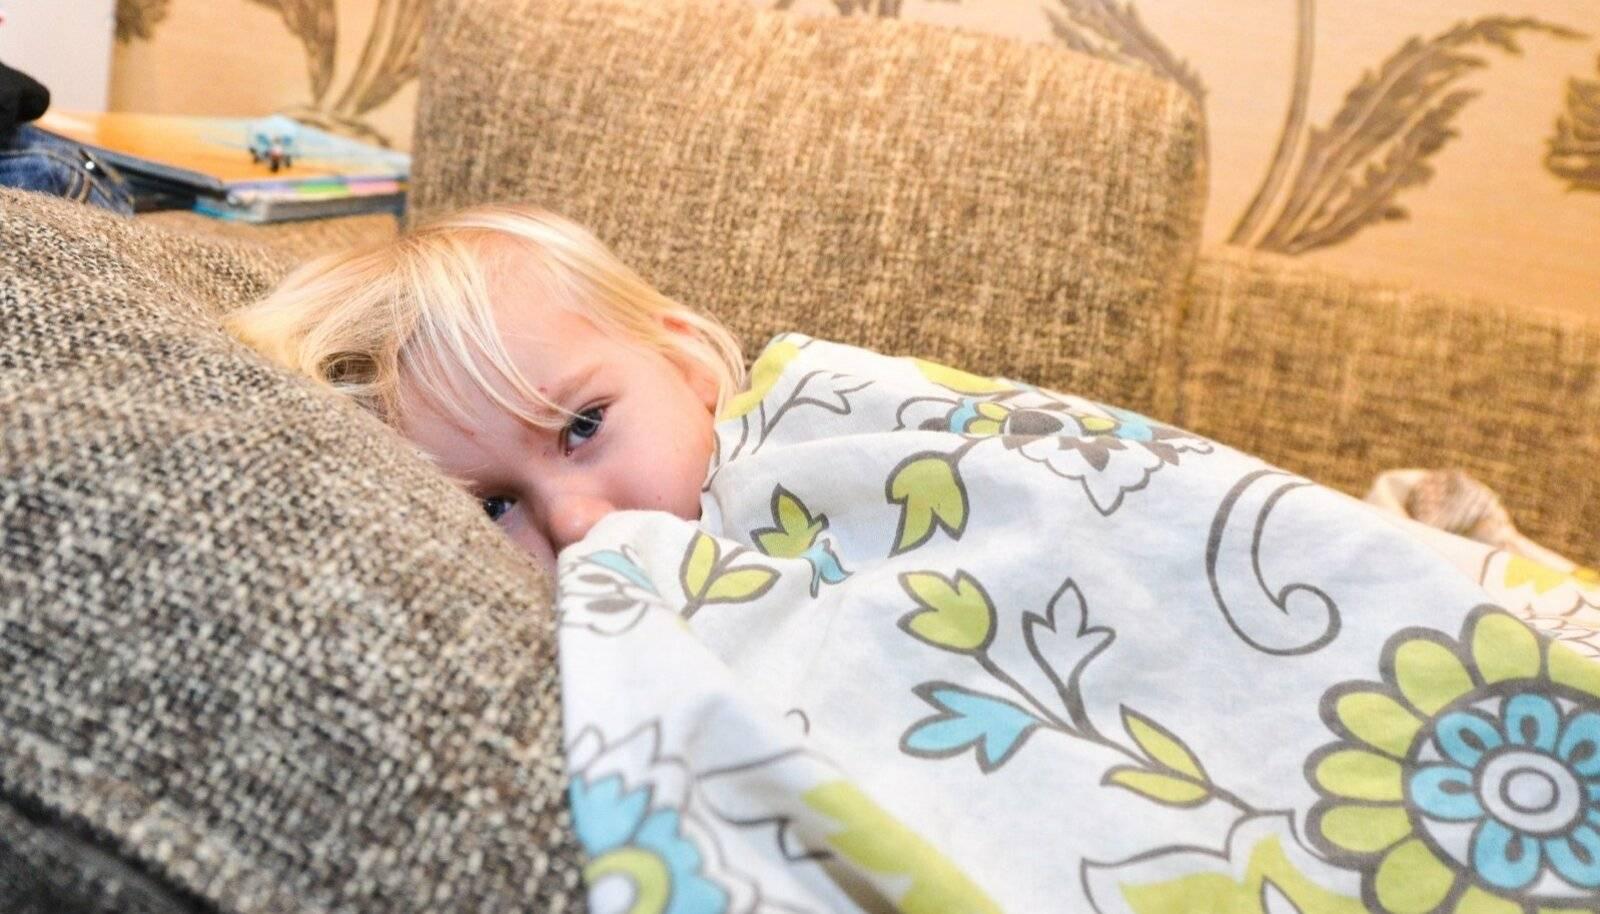 Ребенок 2 лет просыпается ночью и плачет: что делать? ребенку приснился плохой сон